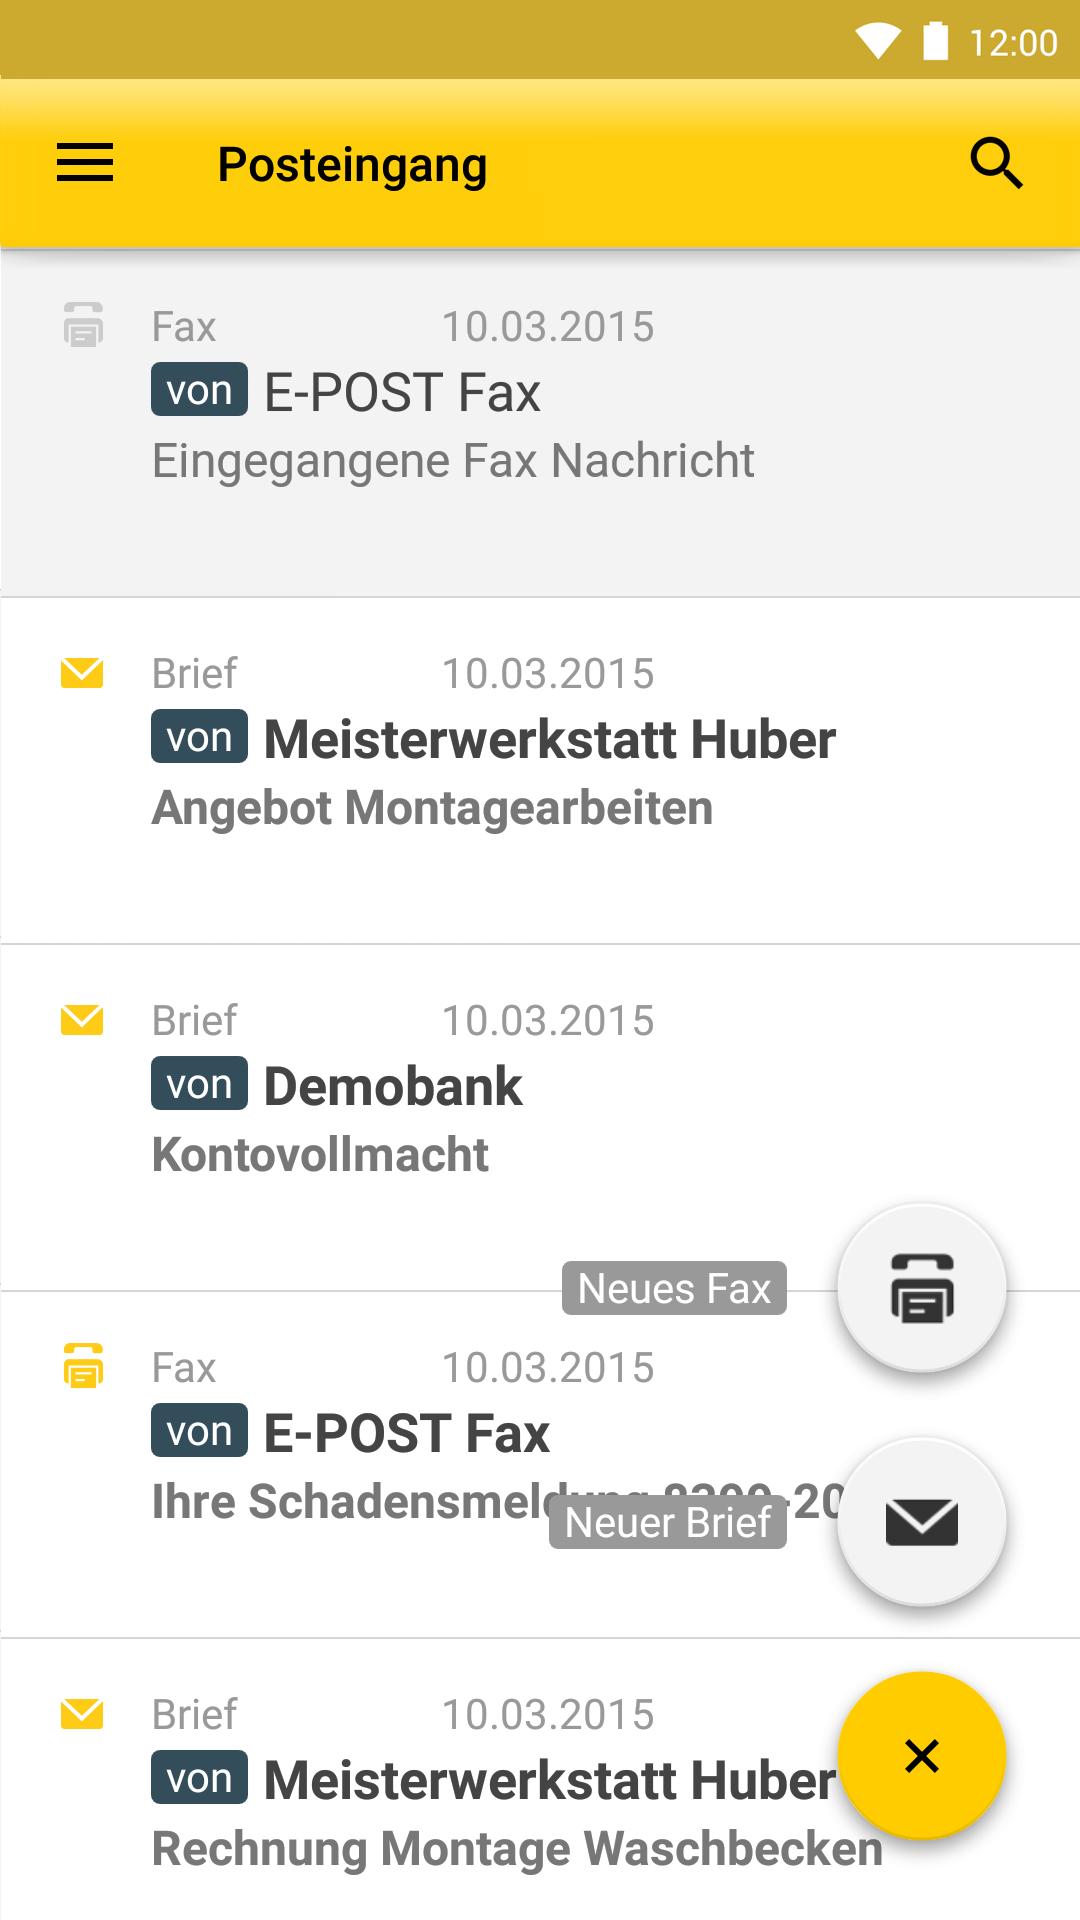 Enchanting Business Fax Deckblatt Ornament - FORTSETZUNG ...